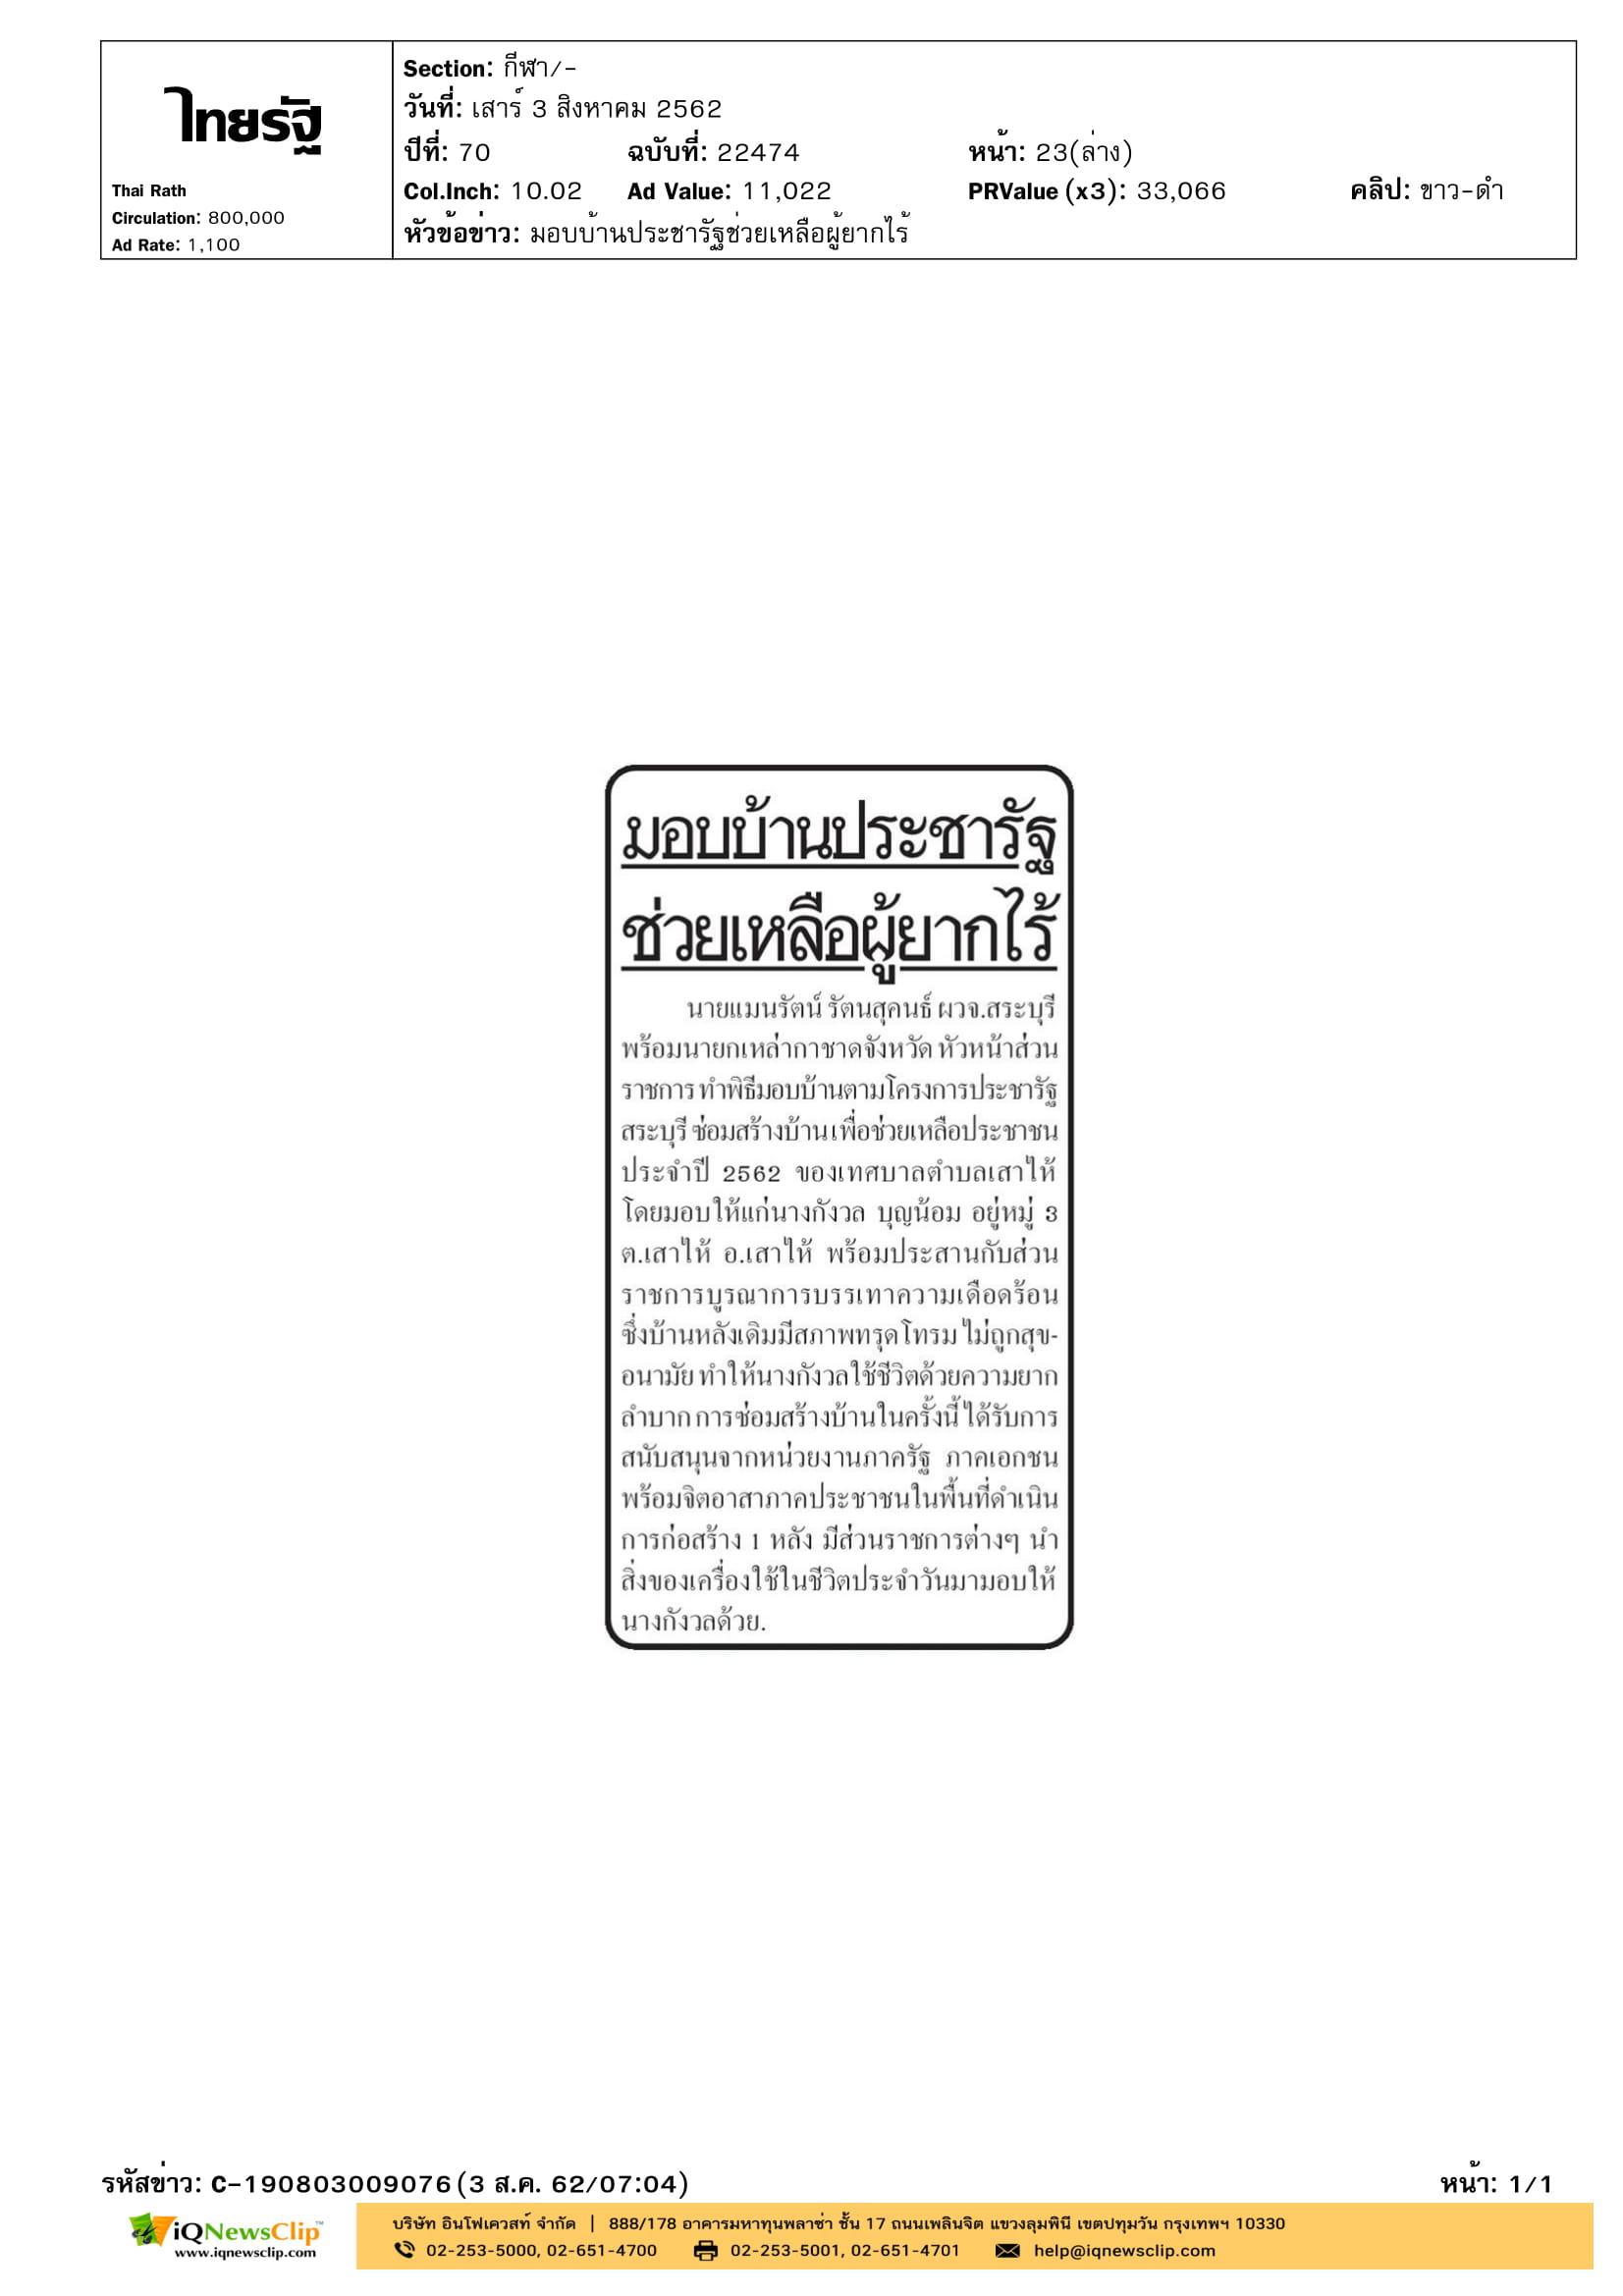 """โครงการ""""ประชารัฐสระบุรี ซ่อมแซมบ้านเพื่อช่วยเหลือประชาชน"""""""